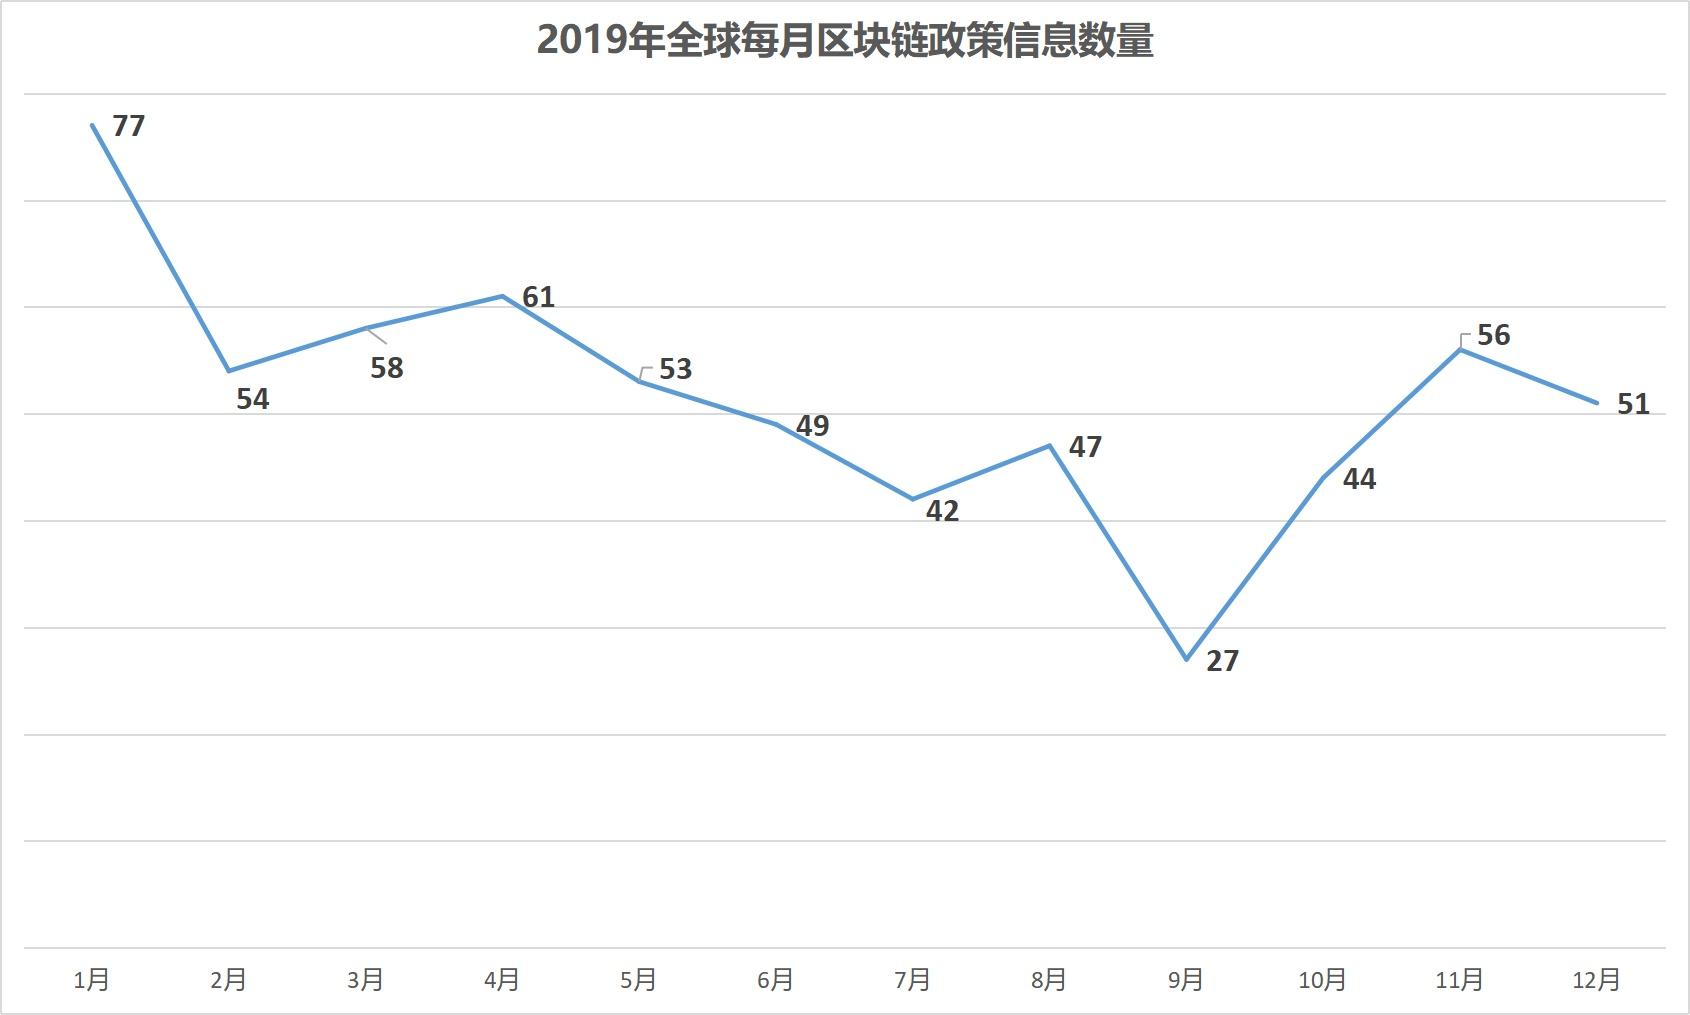 2019年全球区块链政策年报:中国重在扶持 美国多是监管插图